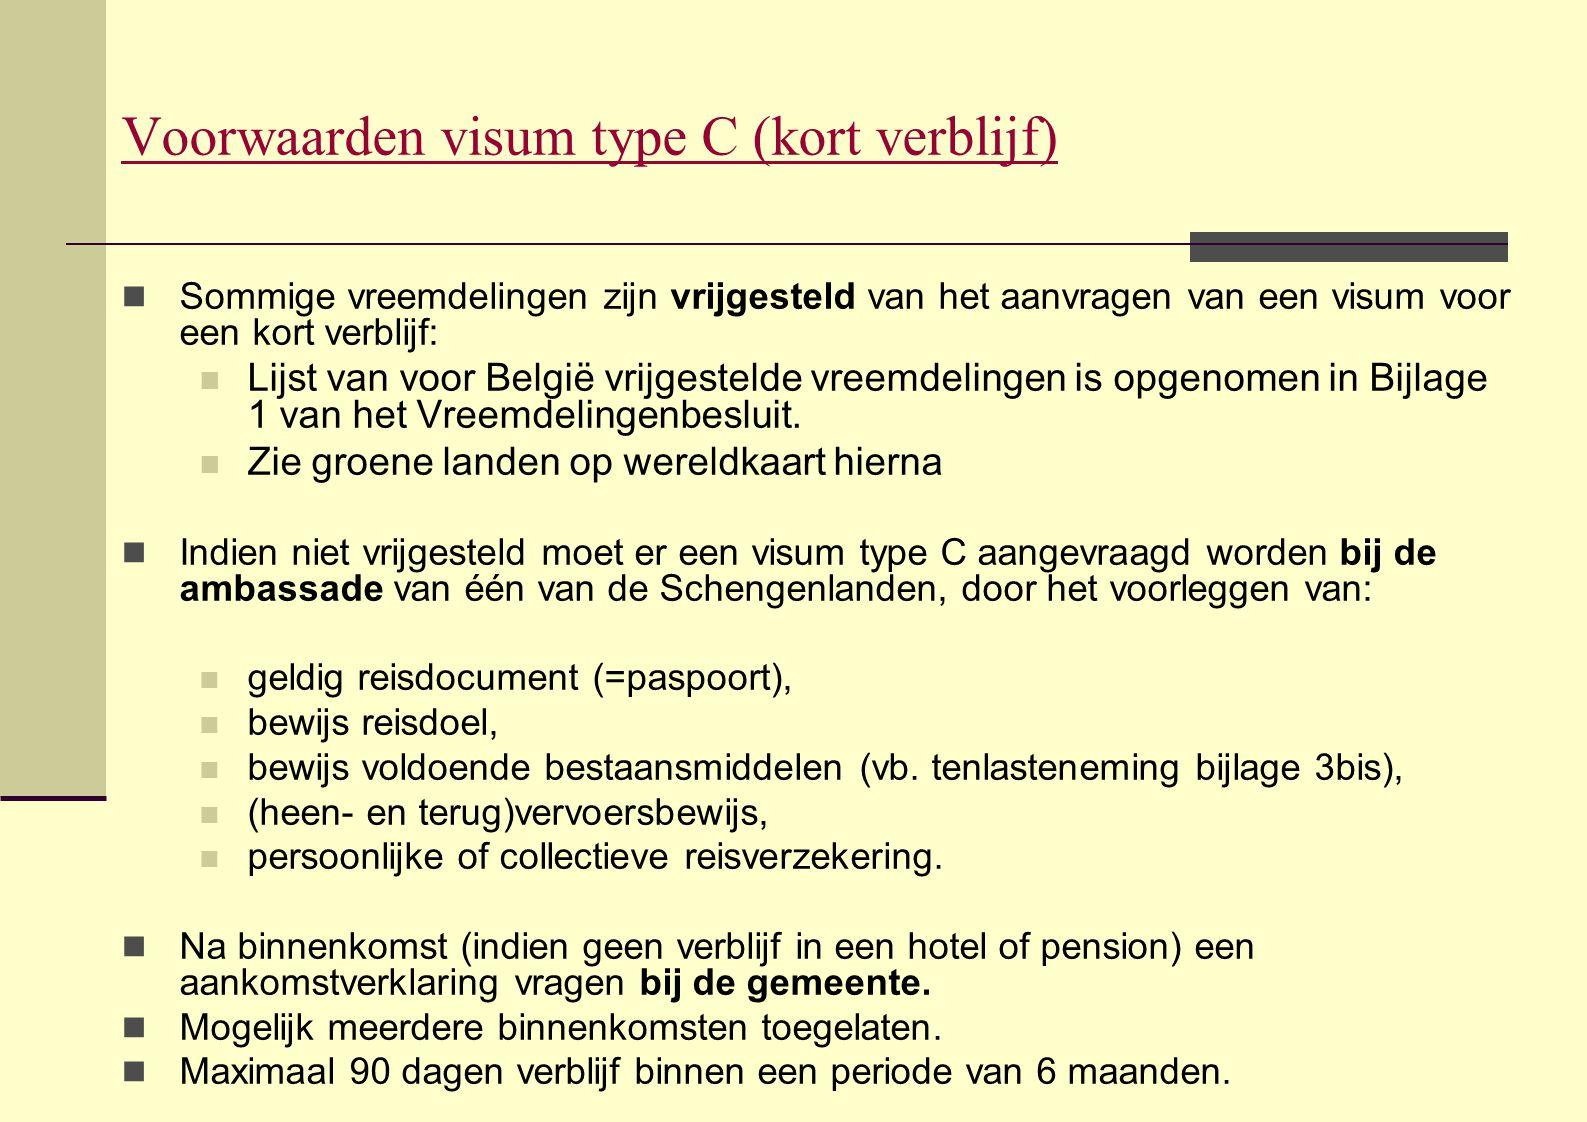 Voorwaarden visum type C (kort verblijf)